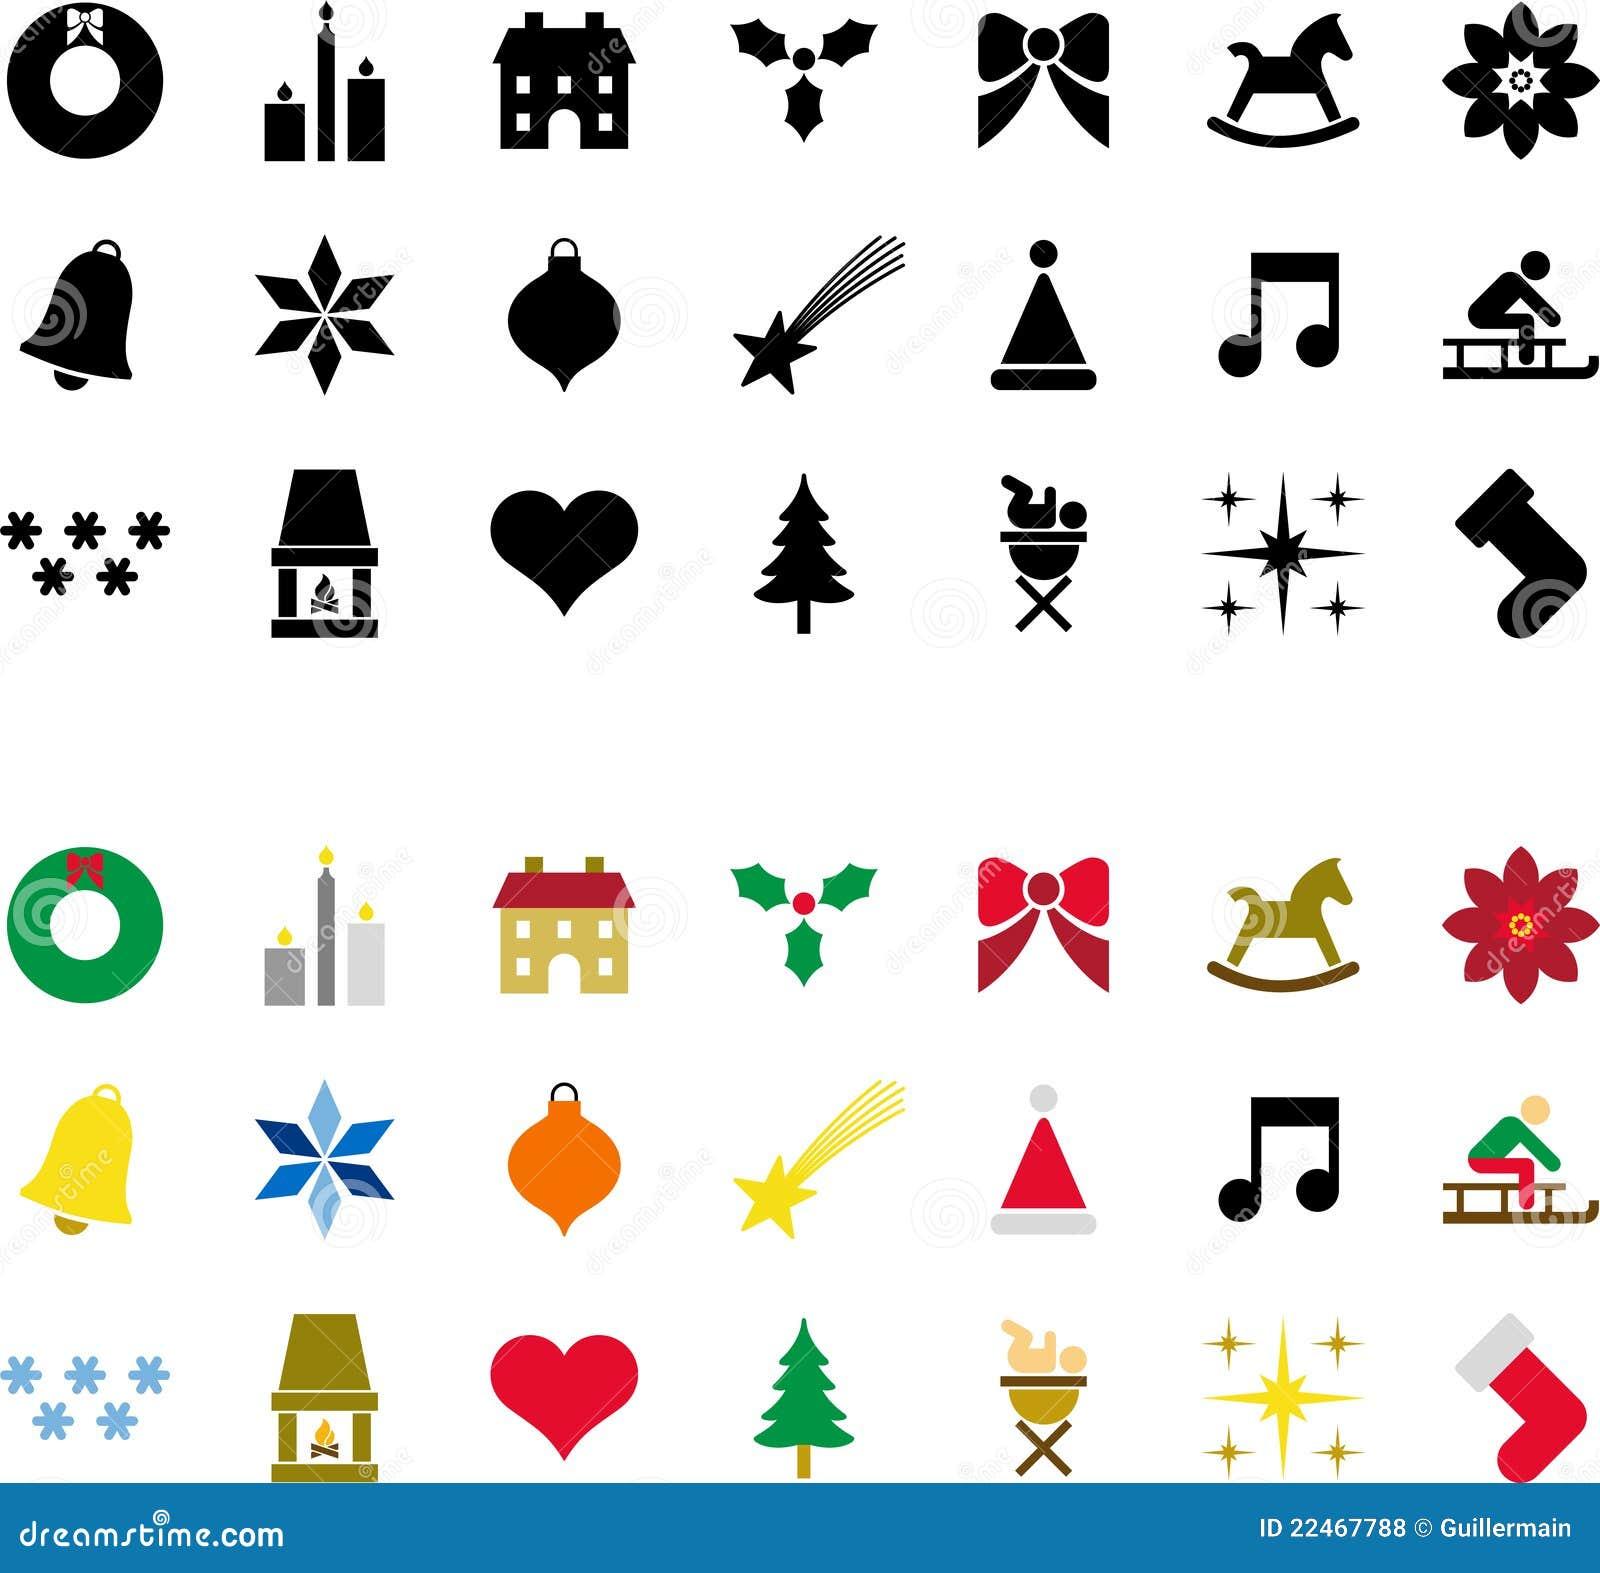 Berühmt Pictogrammes De Noël Photos libres de droits - Image: 22467788 SA61